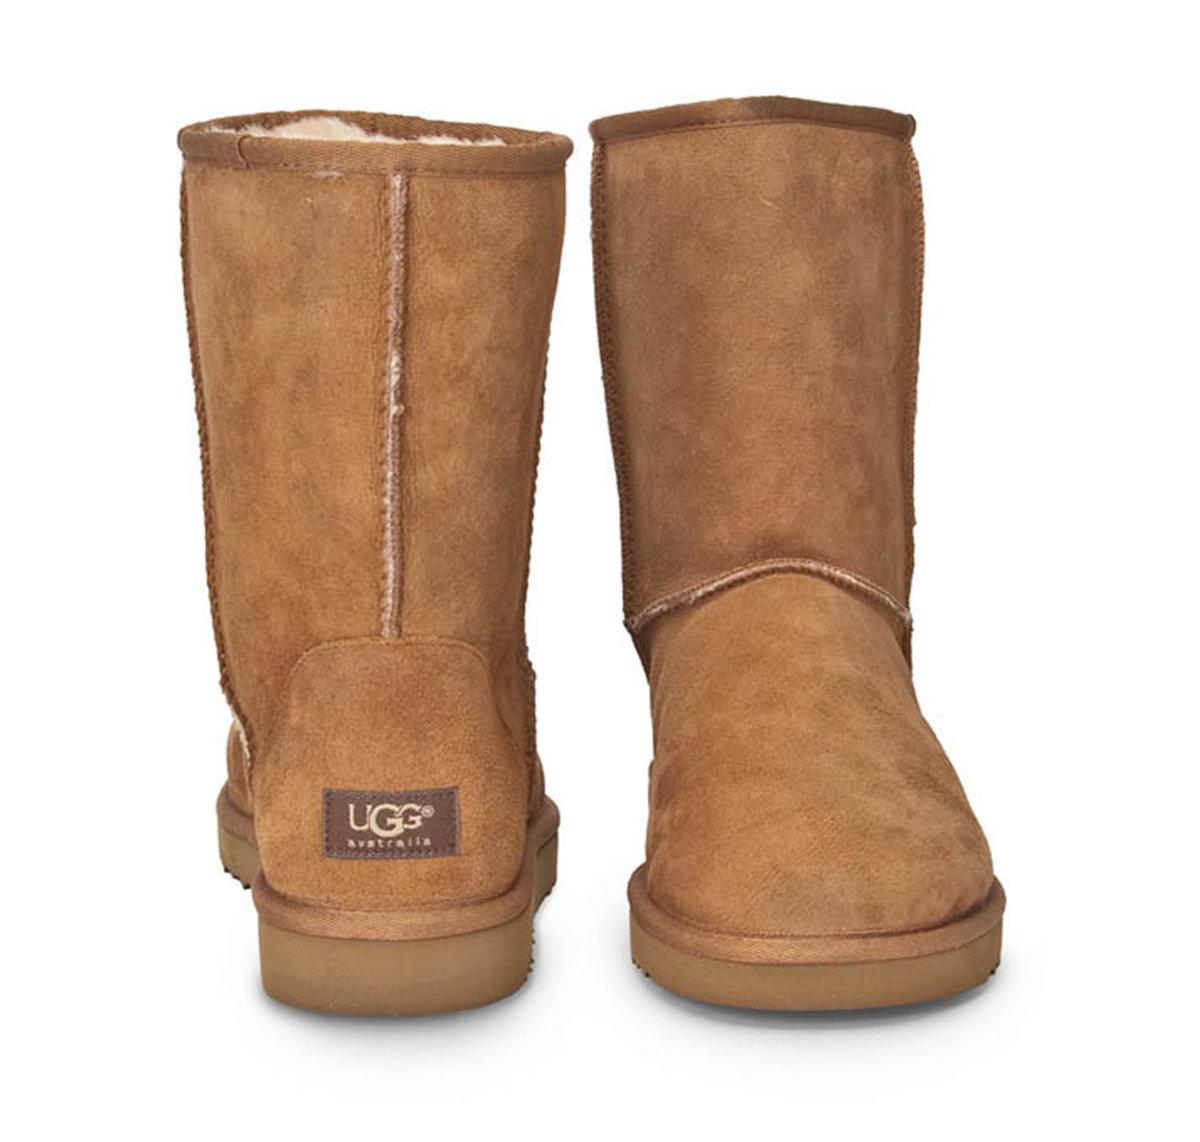 decker inc ugg boots